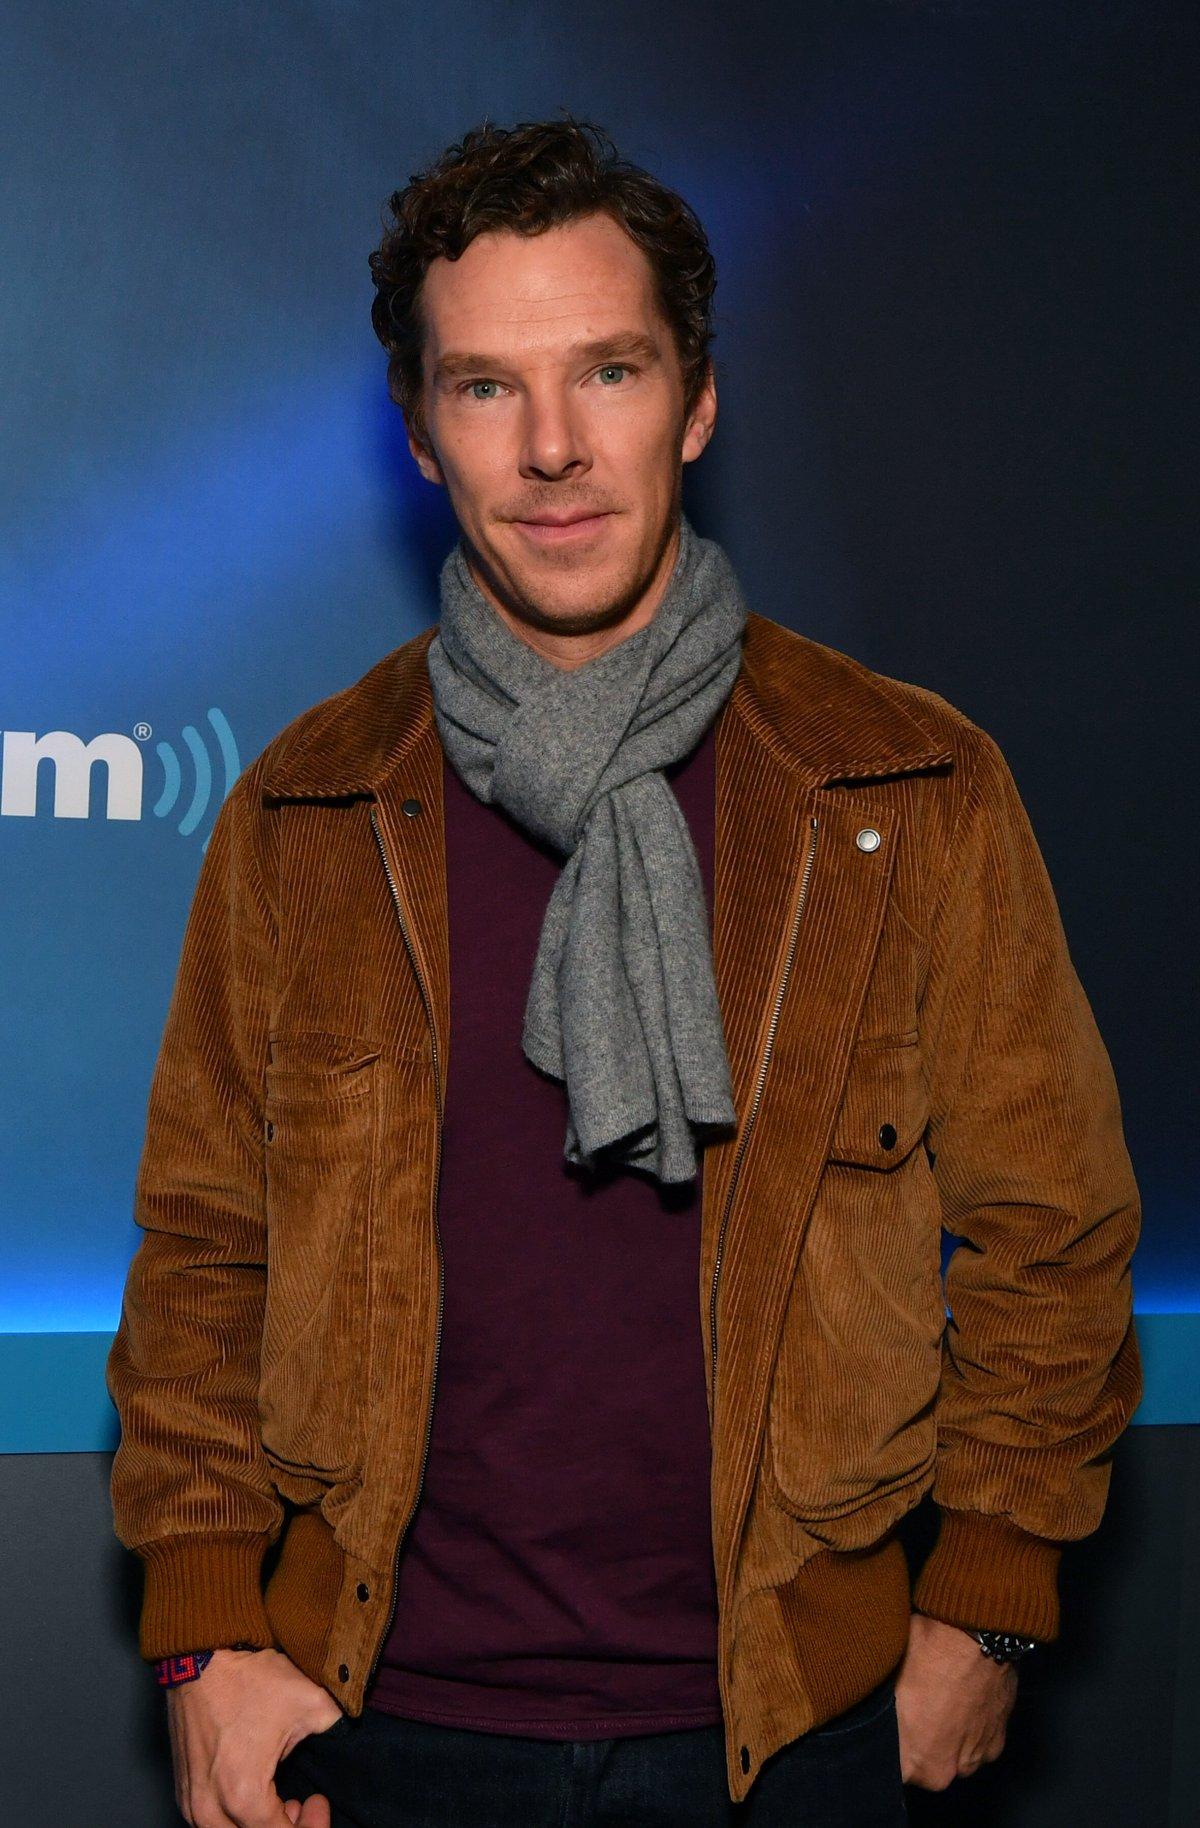 Benedict Cumberbatch in October